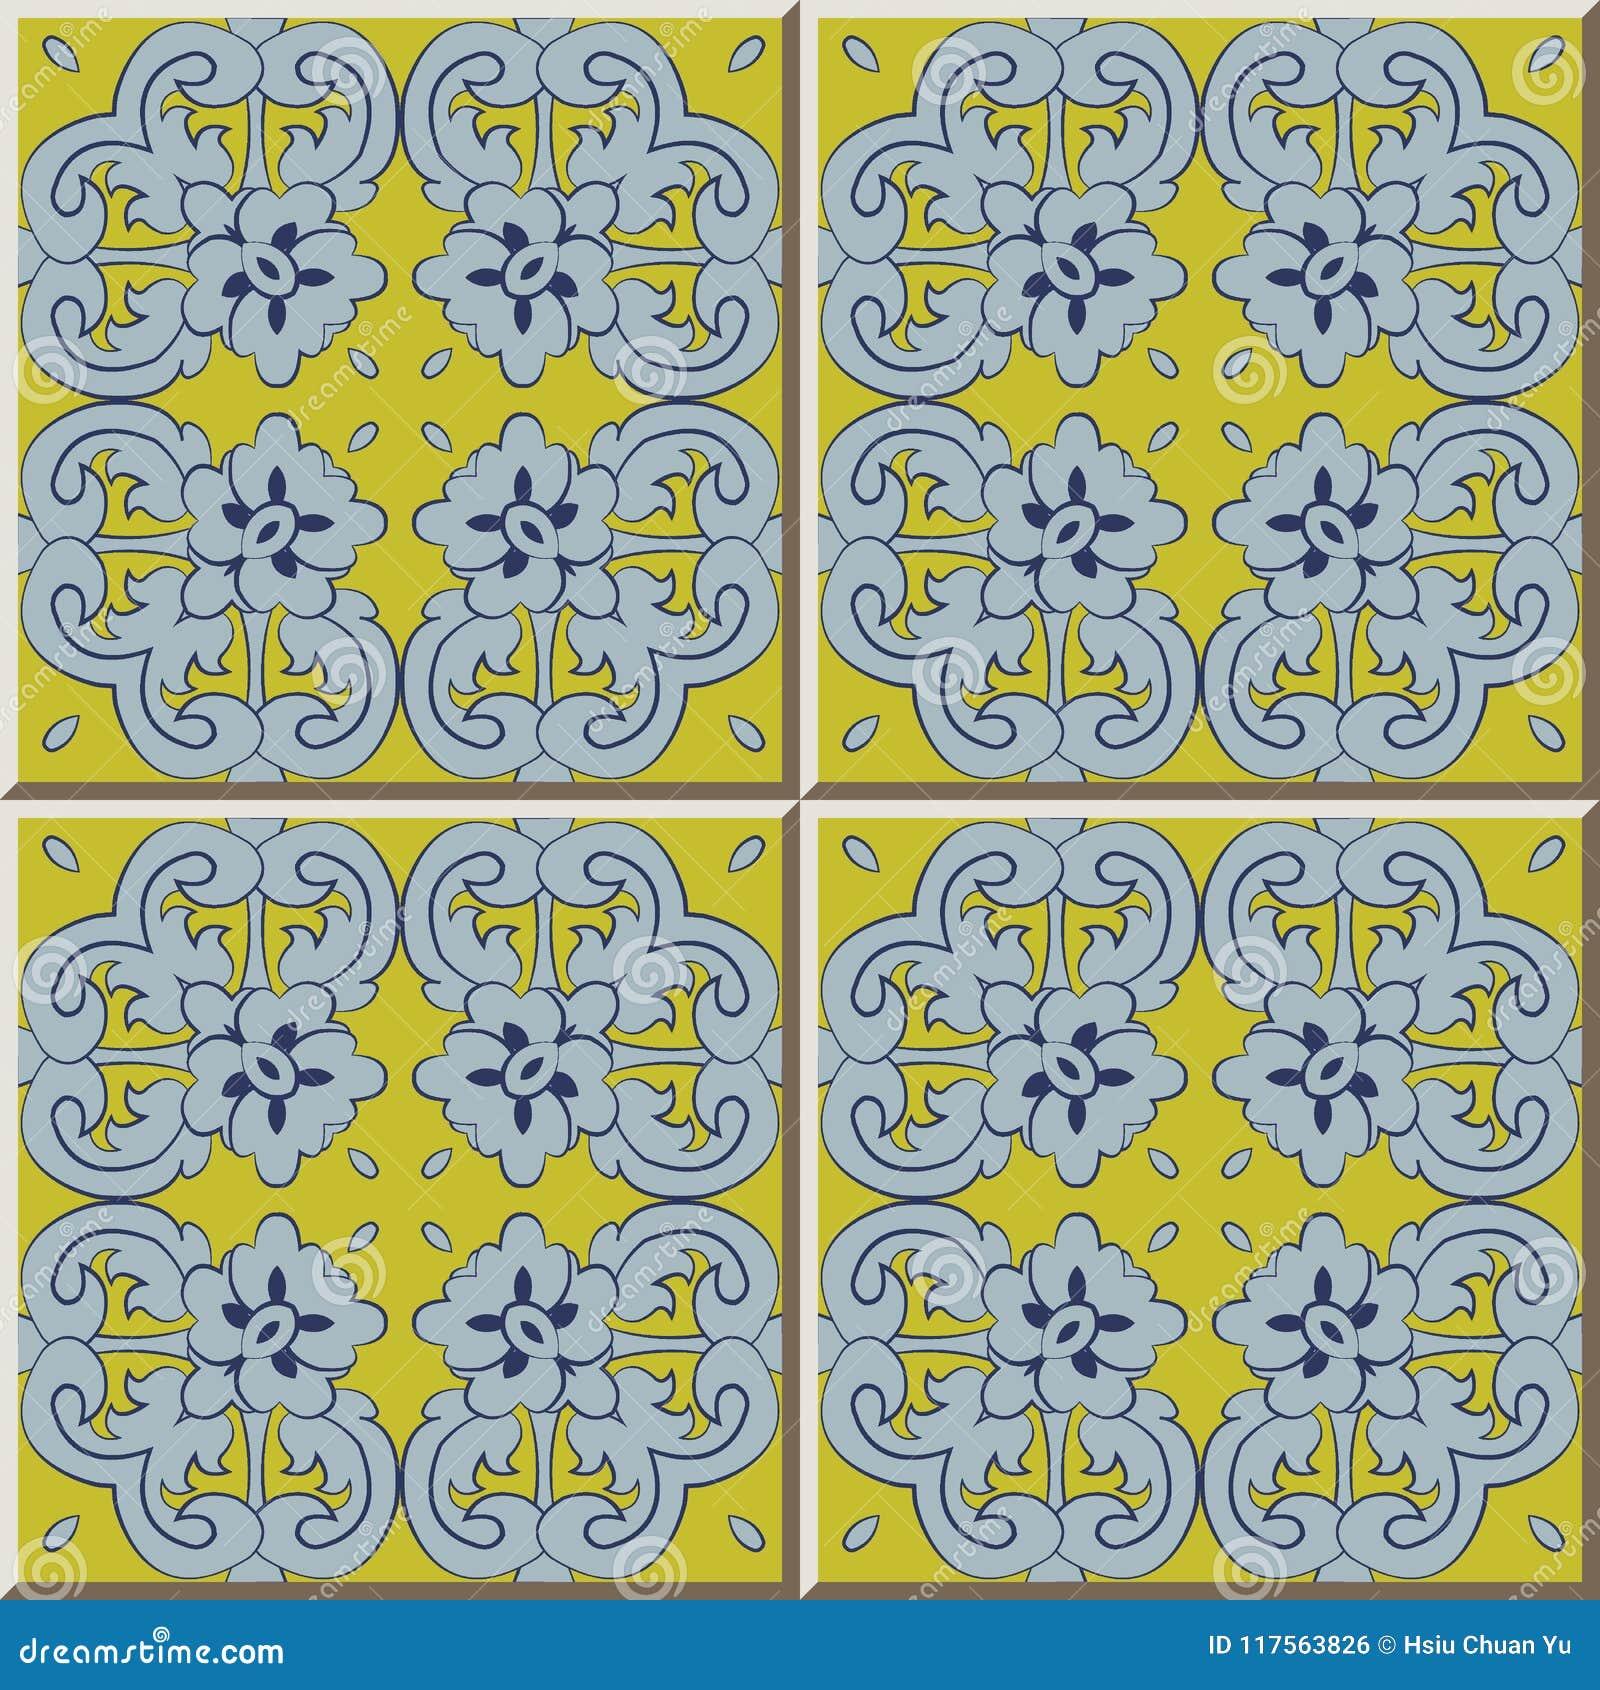 För modellfjäder för keramisk tegelplatta flowe för blad för kors för kontroll för spiral för kurva